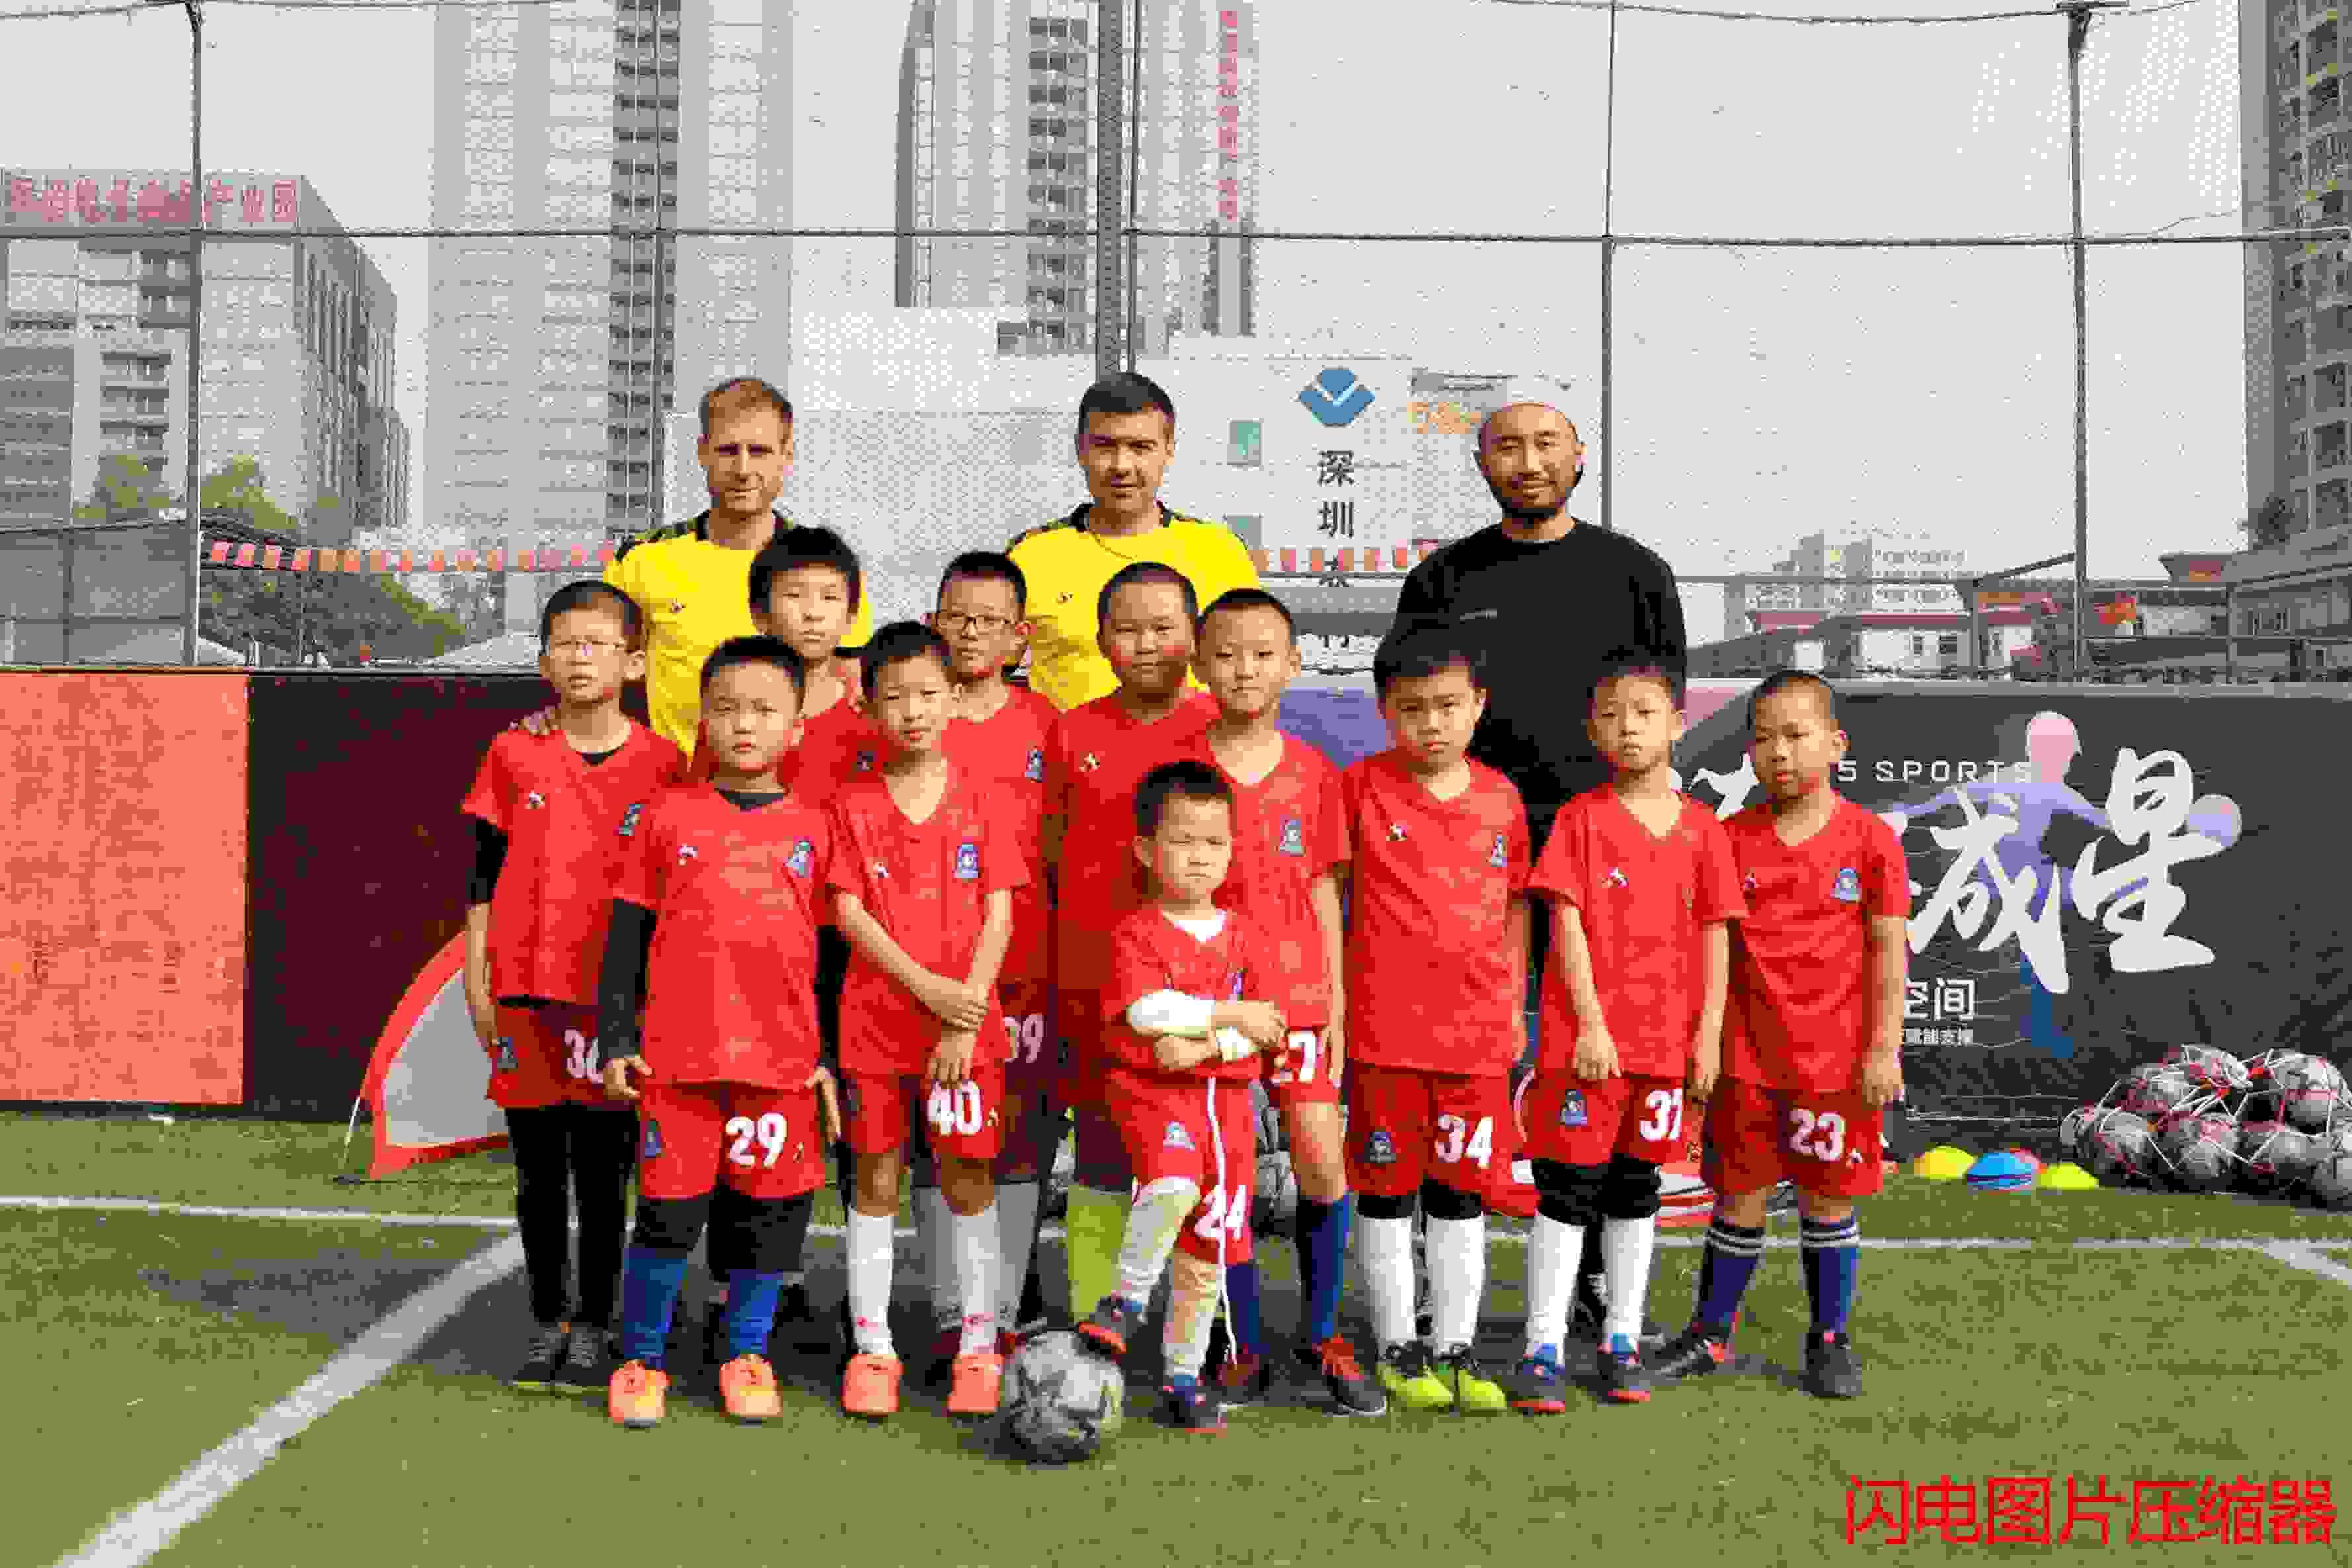 寶安區本地足球培訓認真負責「奧蘭治體育產業(深圳)供應」